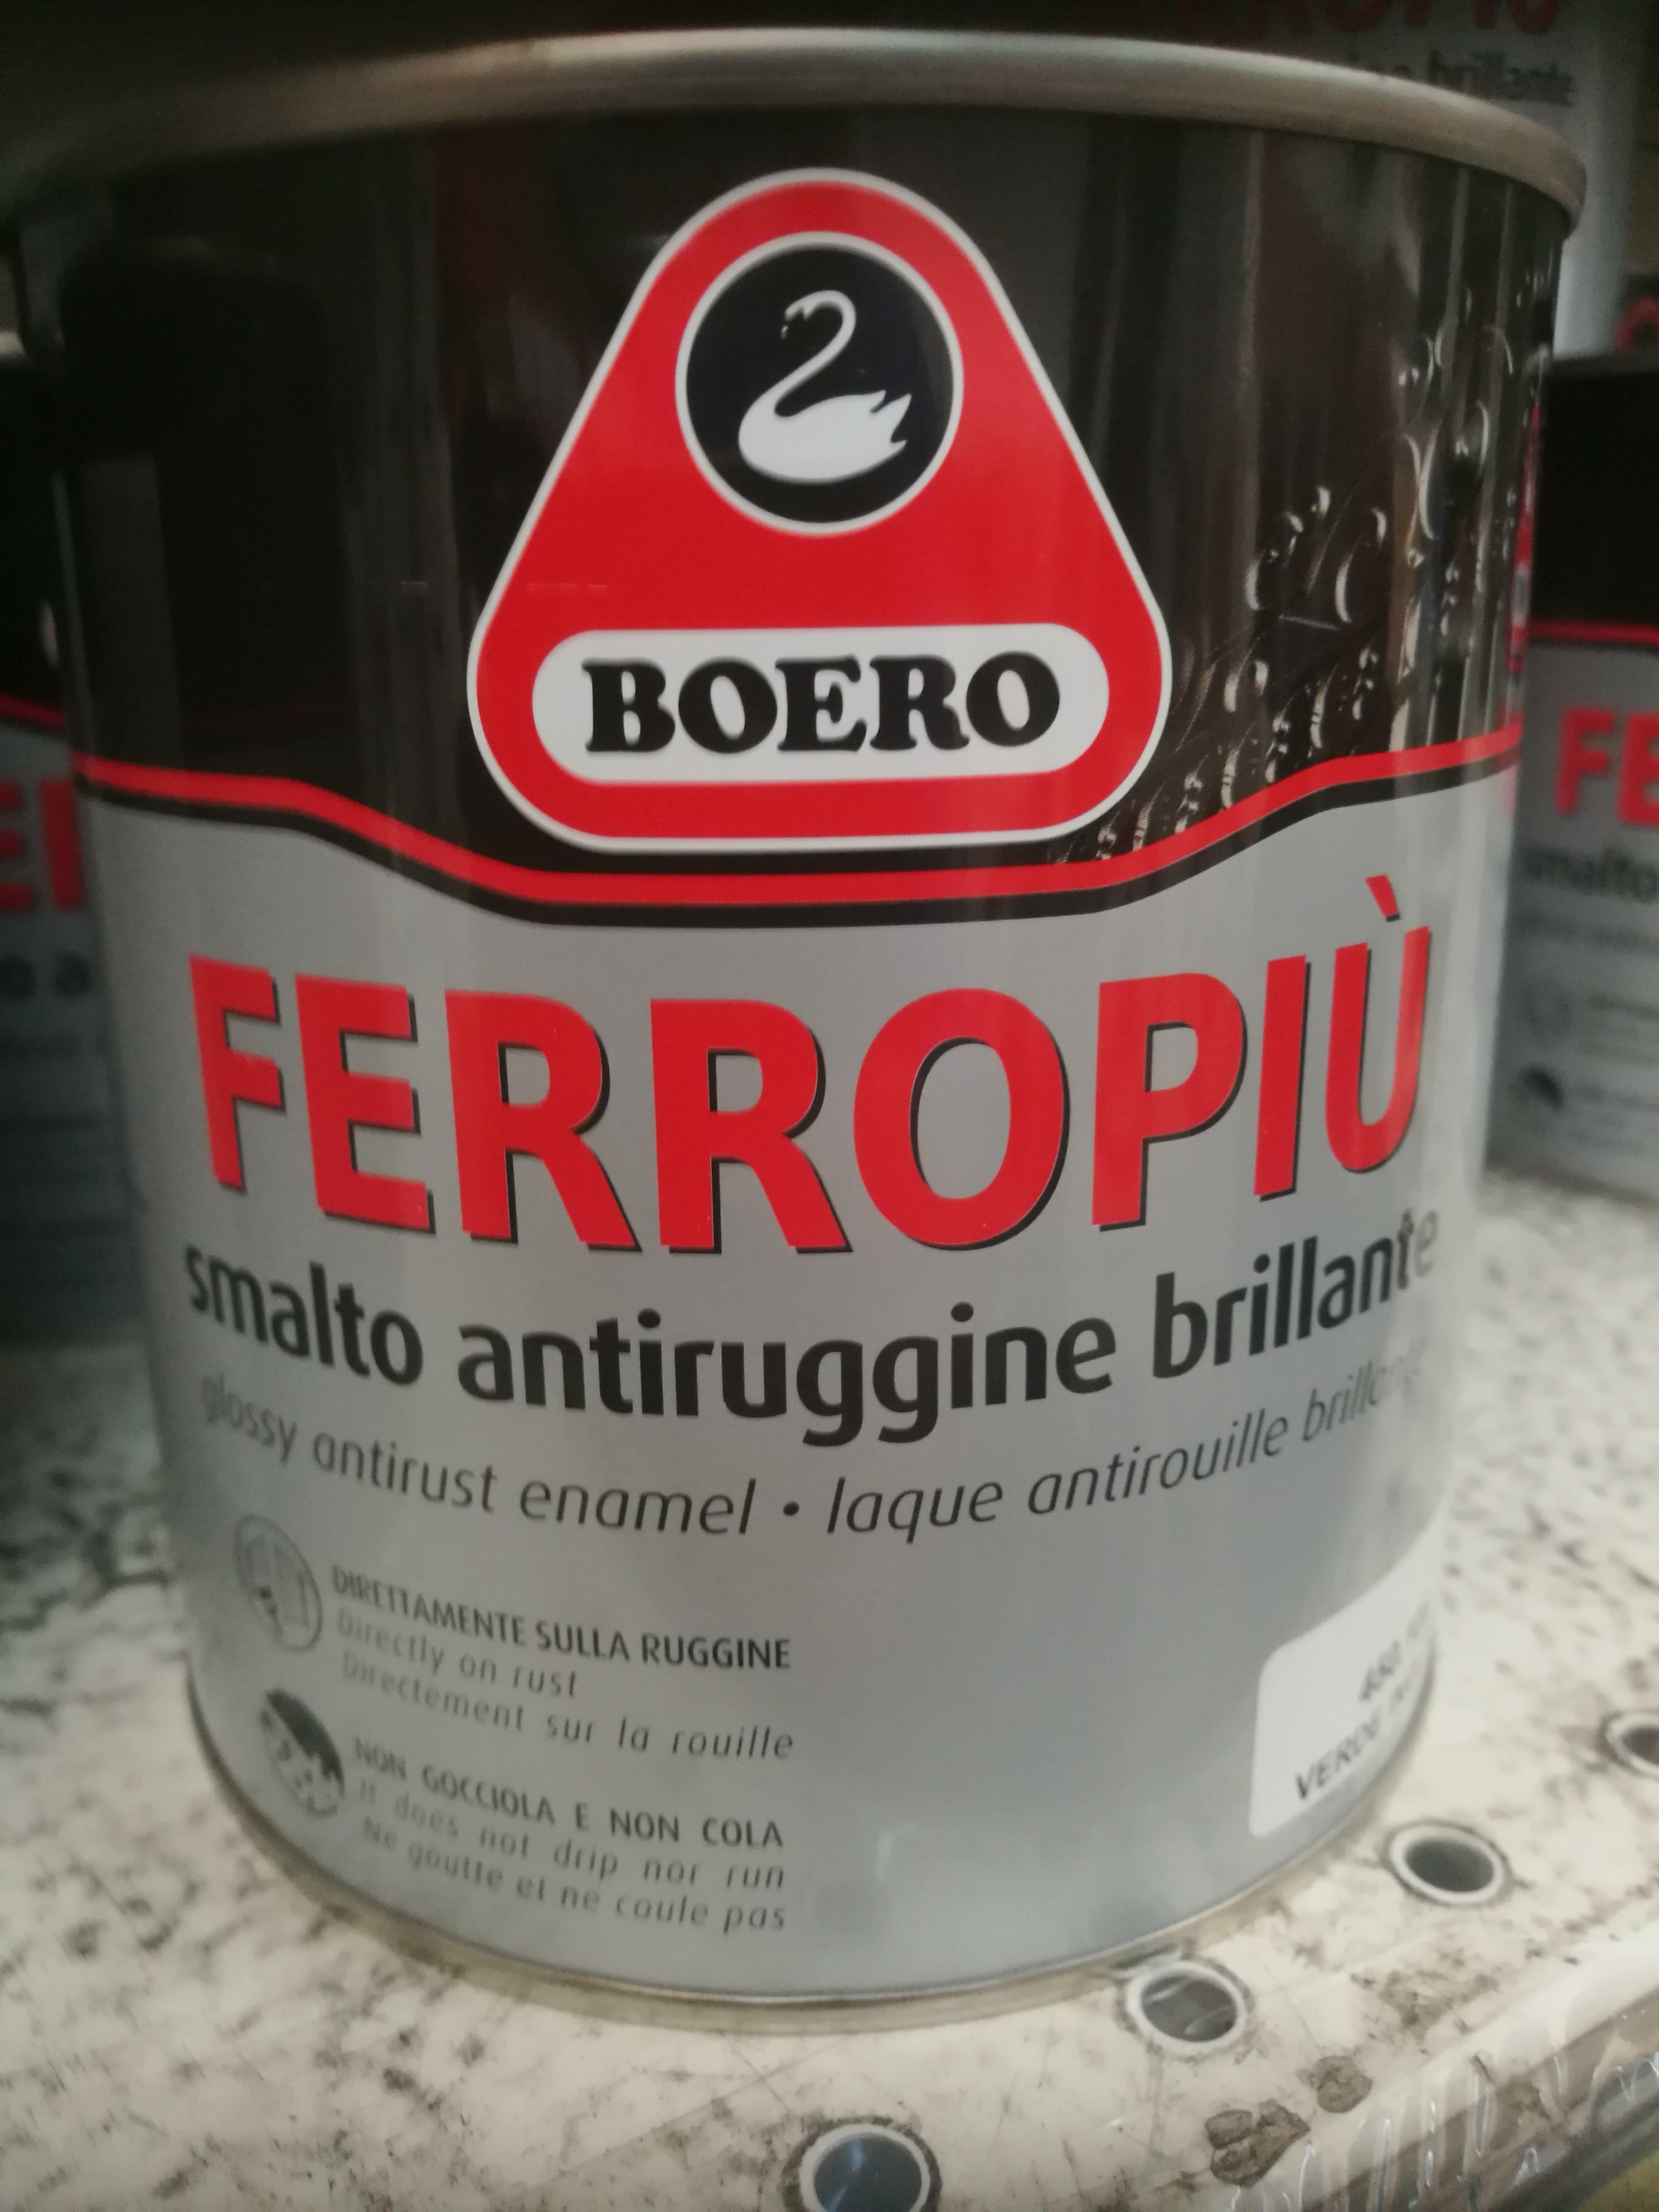 boero boero ferropiu verde vittoria 2,5 litri smalto per esterni ed interni